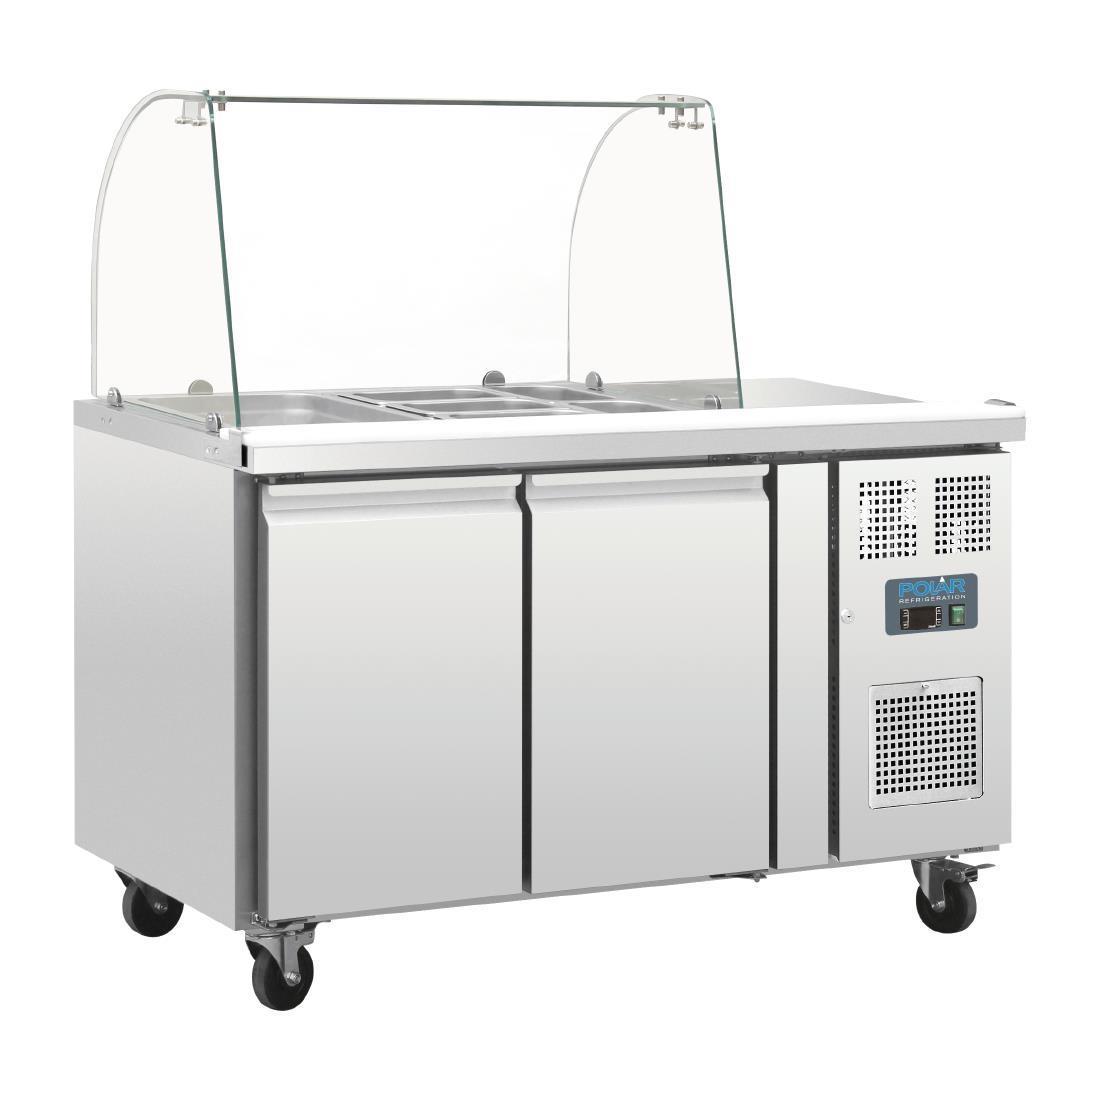 Mesa fría de preparación de 2 puertas con pantalla de cristal Polar CT393